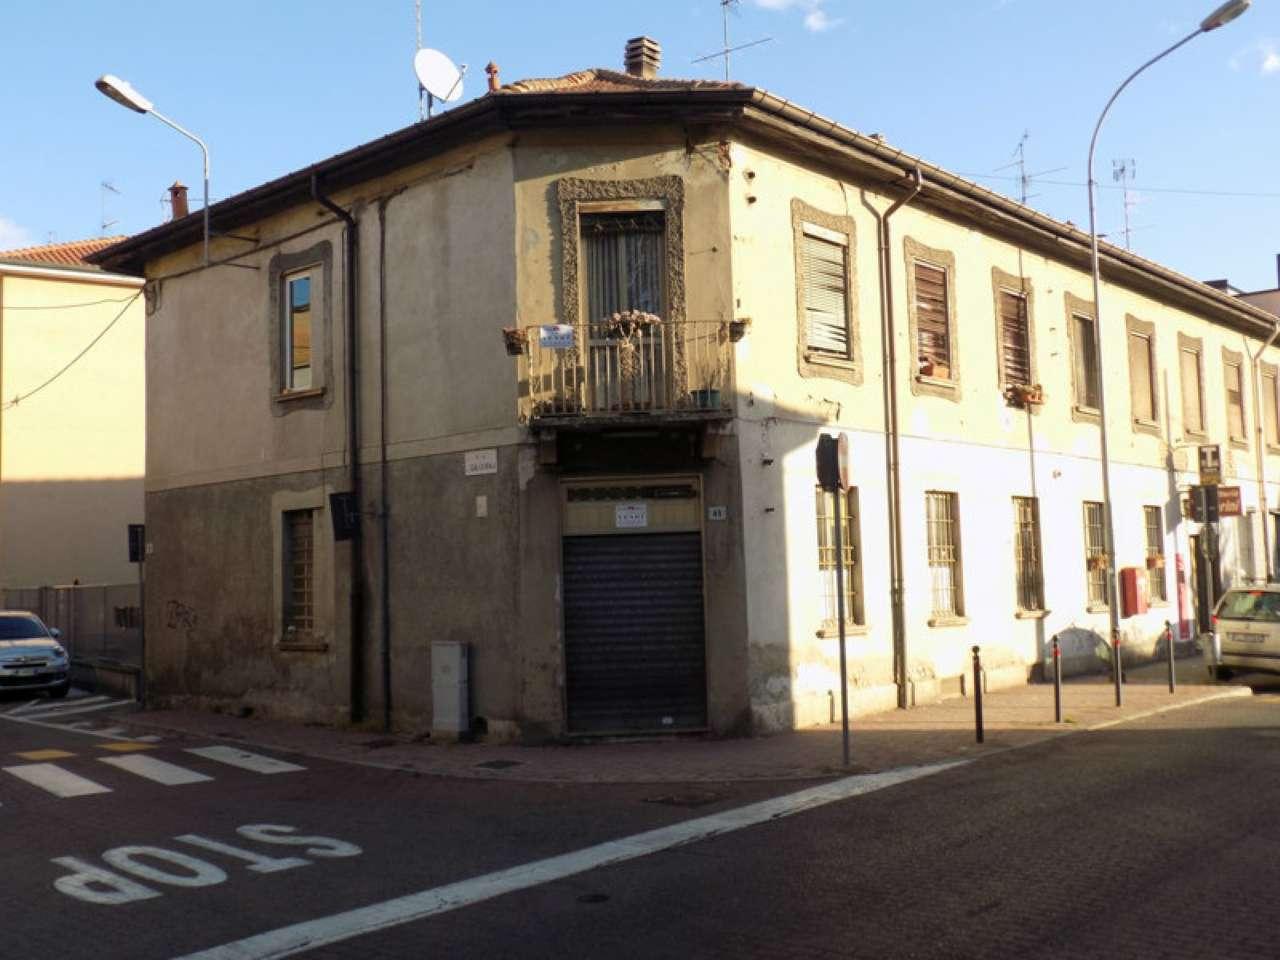 Soluzione Semindipendente in vendita a Senago, 9999 locali, prezzo € 153.100 | CambioCasa.it